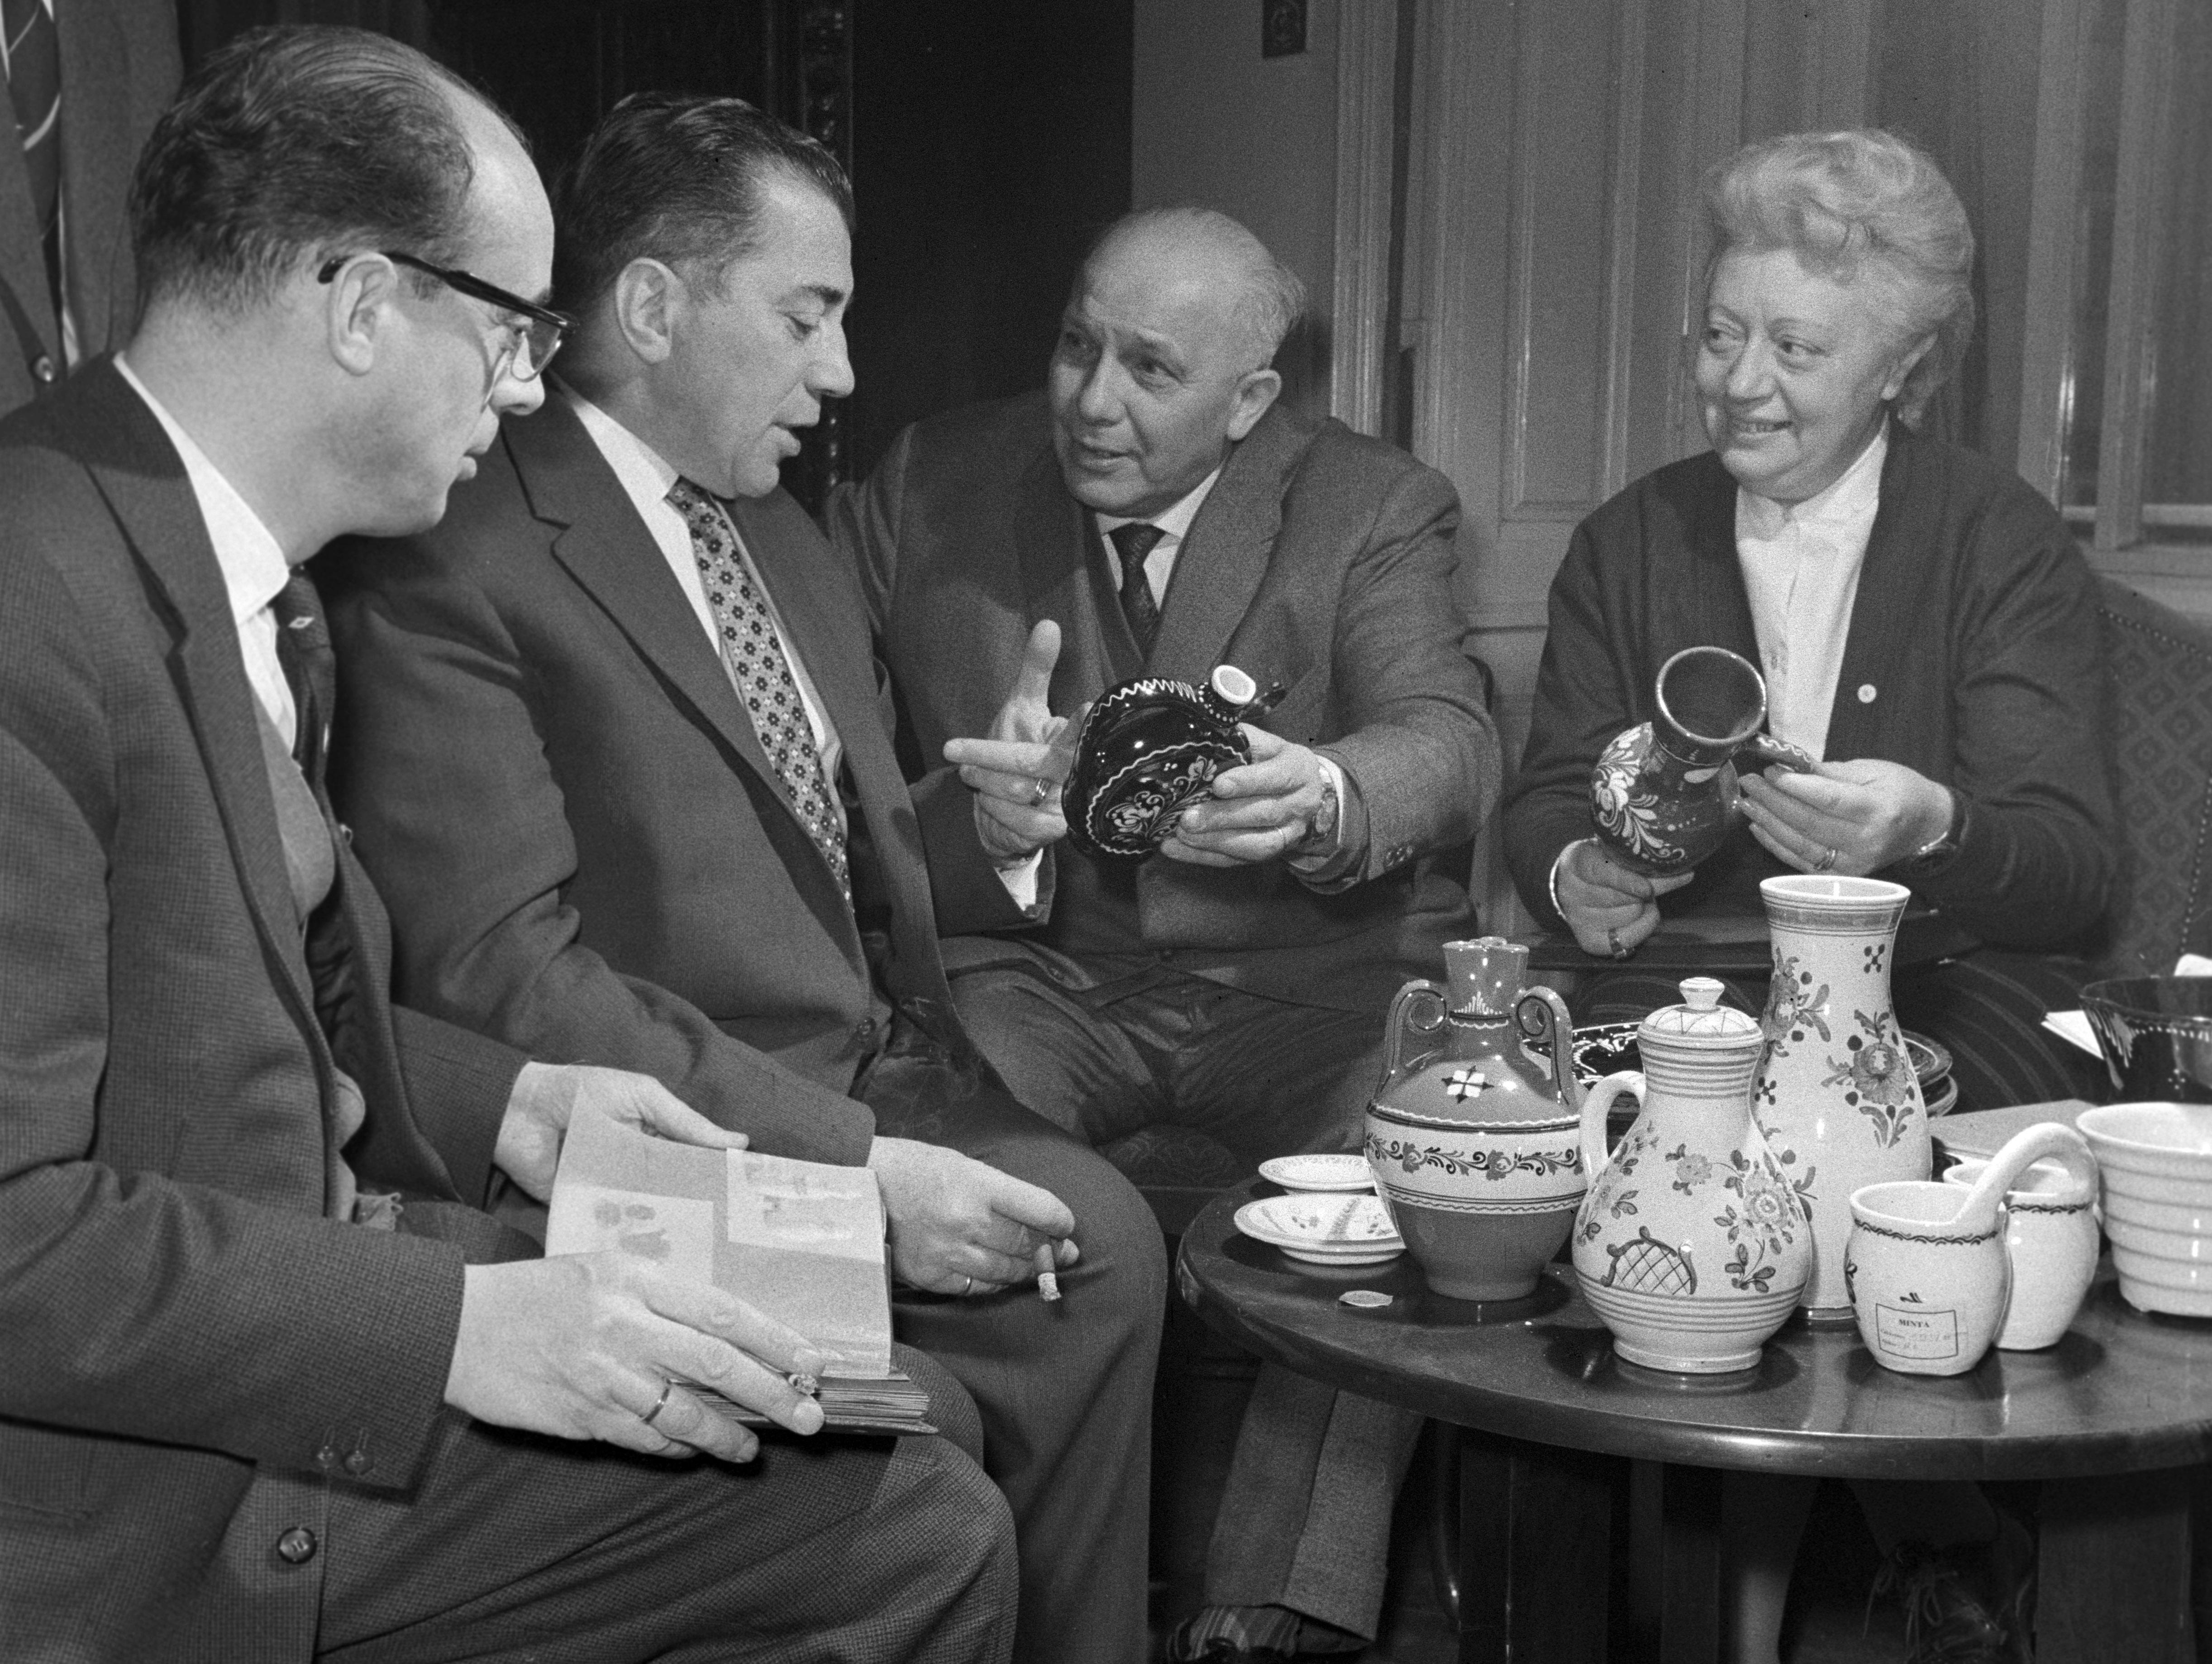 Holland kereskedõk tárgyalnak az ARTEX Külkereskedelmi Vállalattal, 1960 / Fotó: MTI